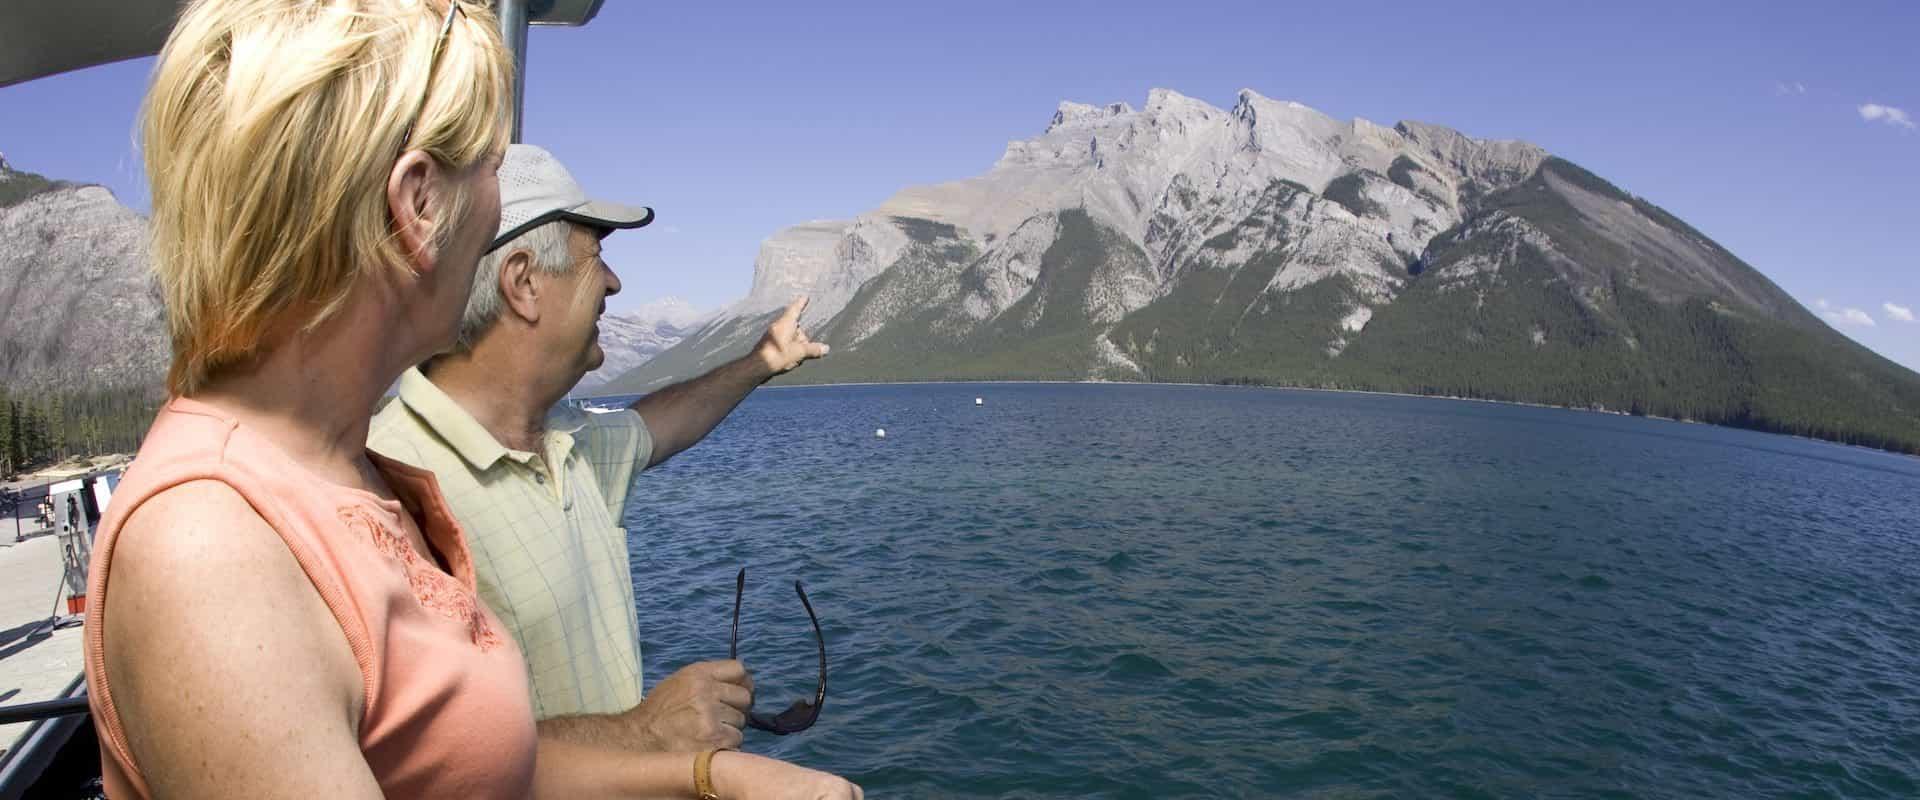 Horseback + Gondola + Lake Cruise